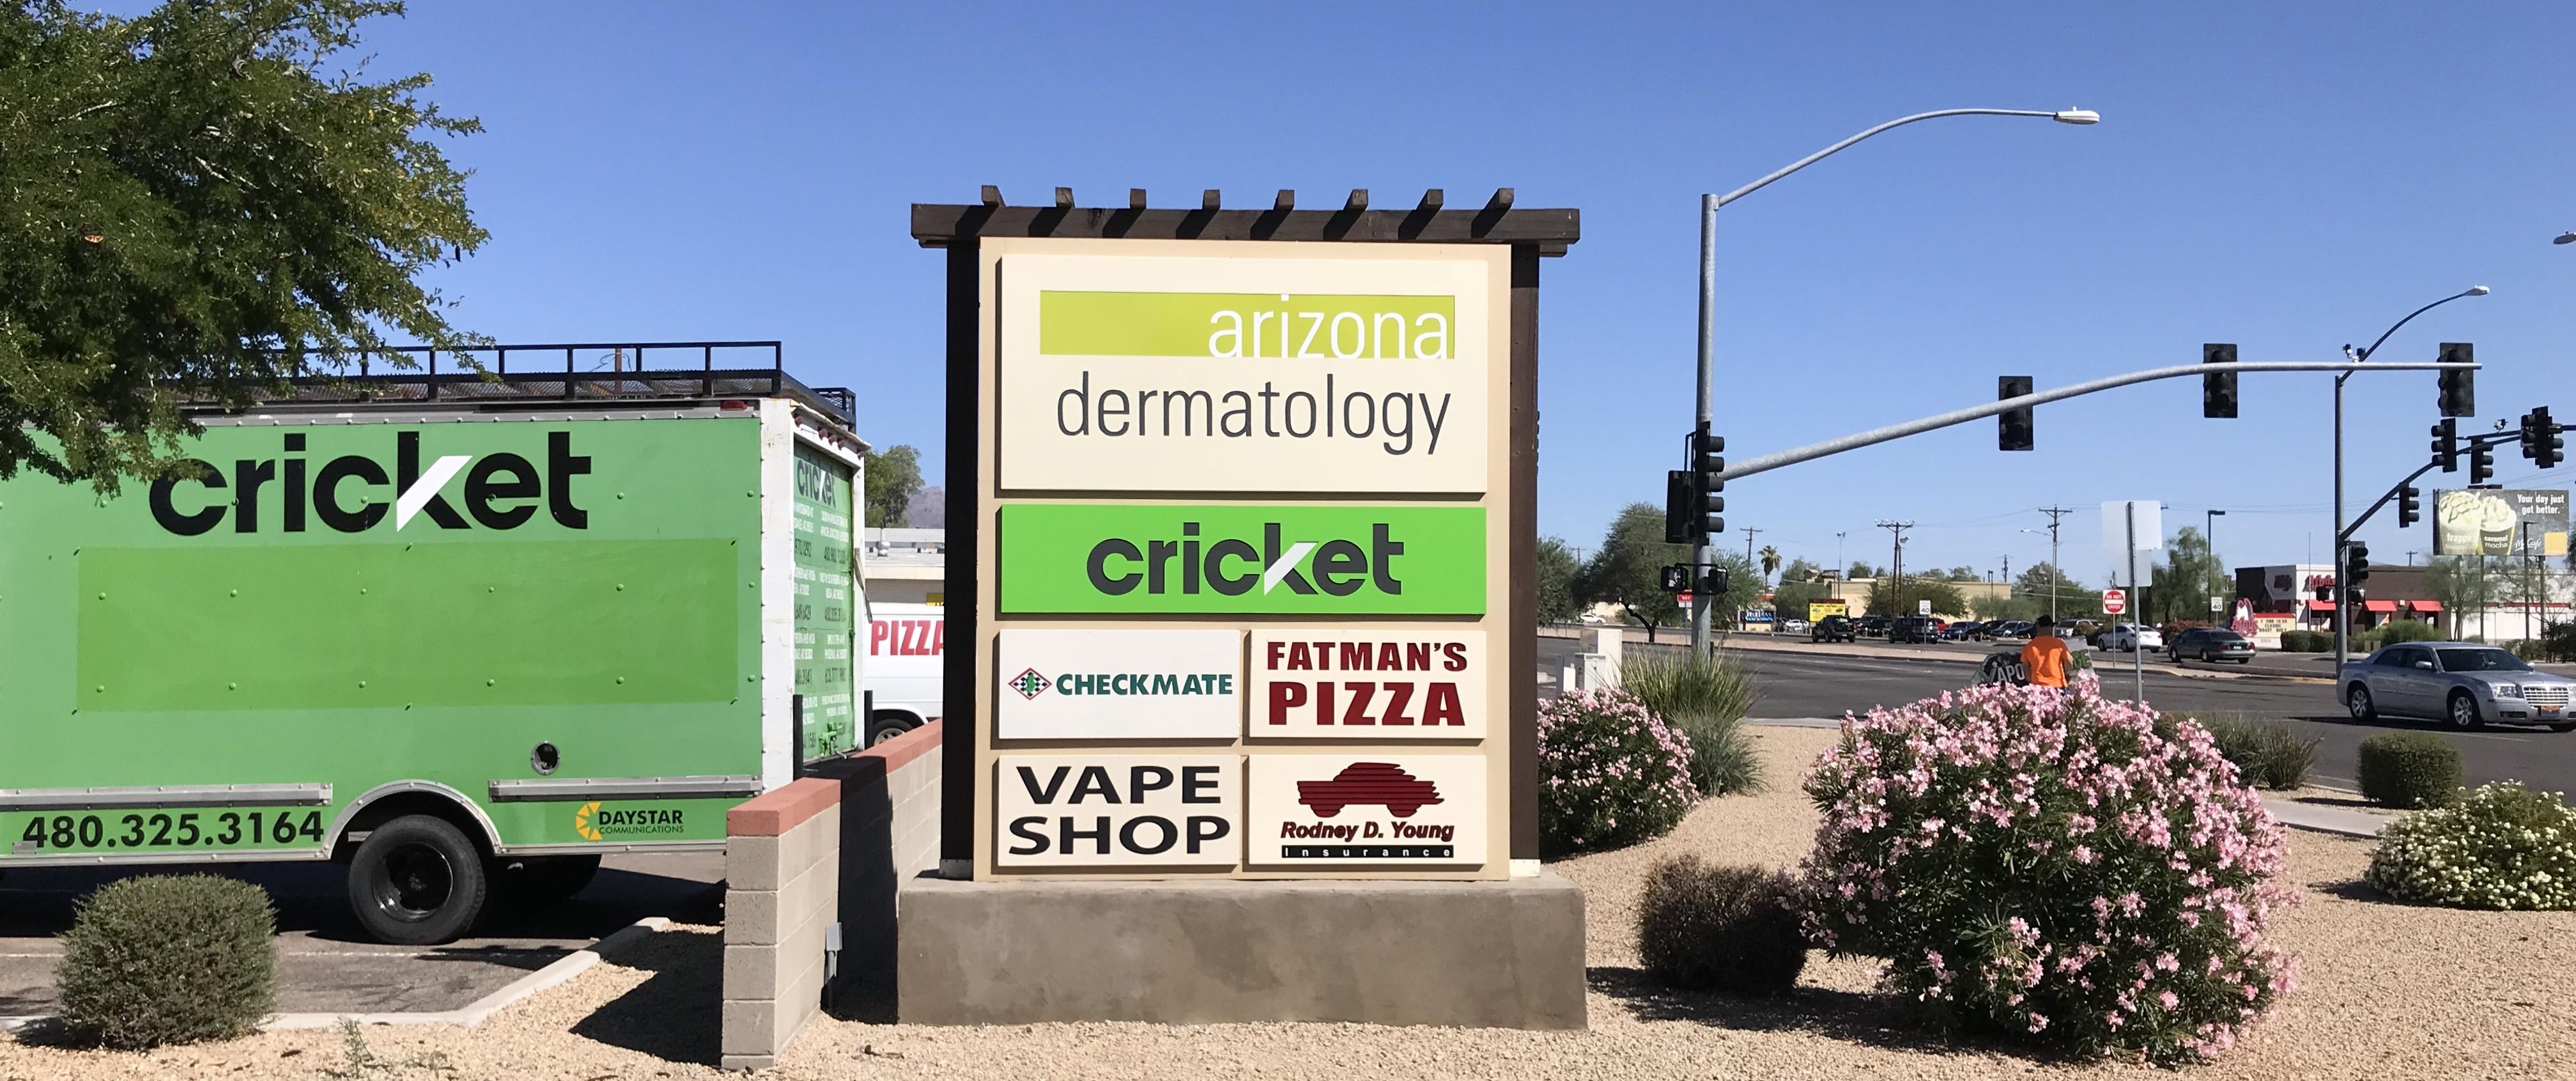 Apache Trail Marketplace | Retail Space For Lease In Phoenix AZ | Vestis Group